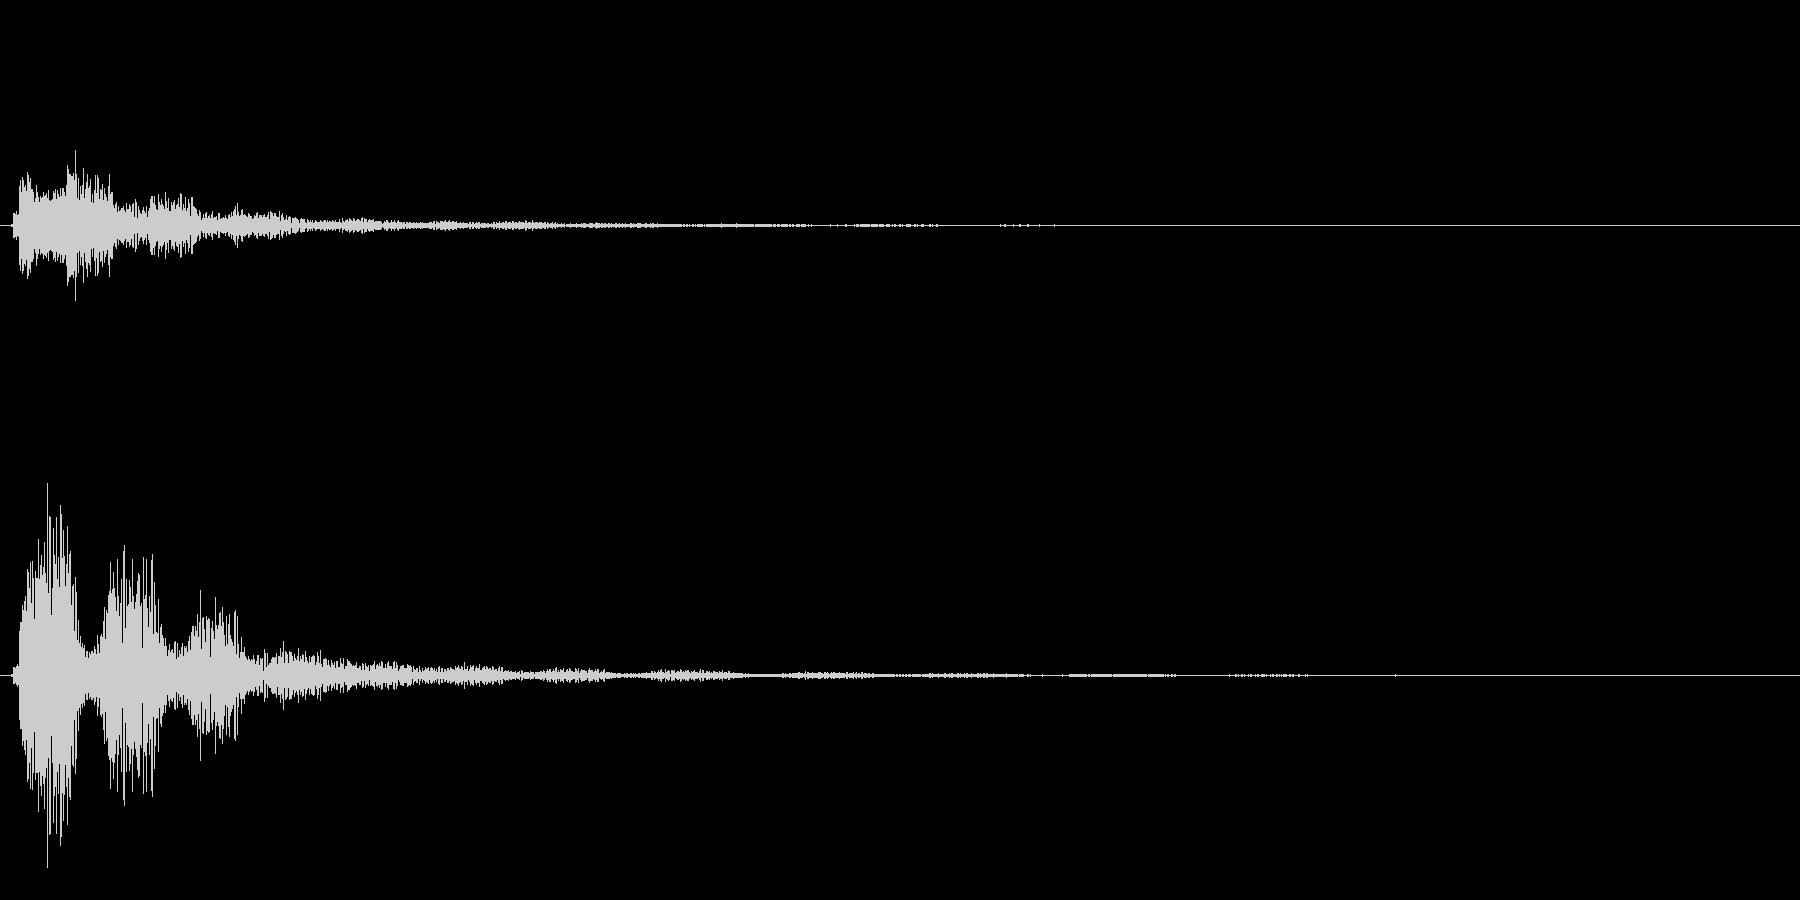 キラキラ系_064の未再生の波形